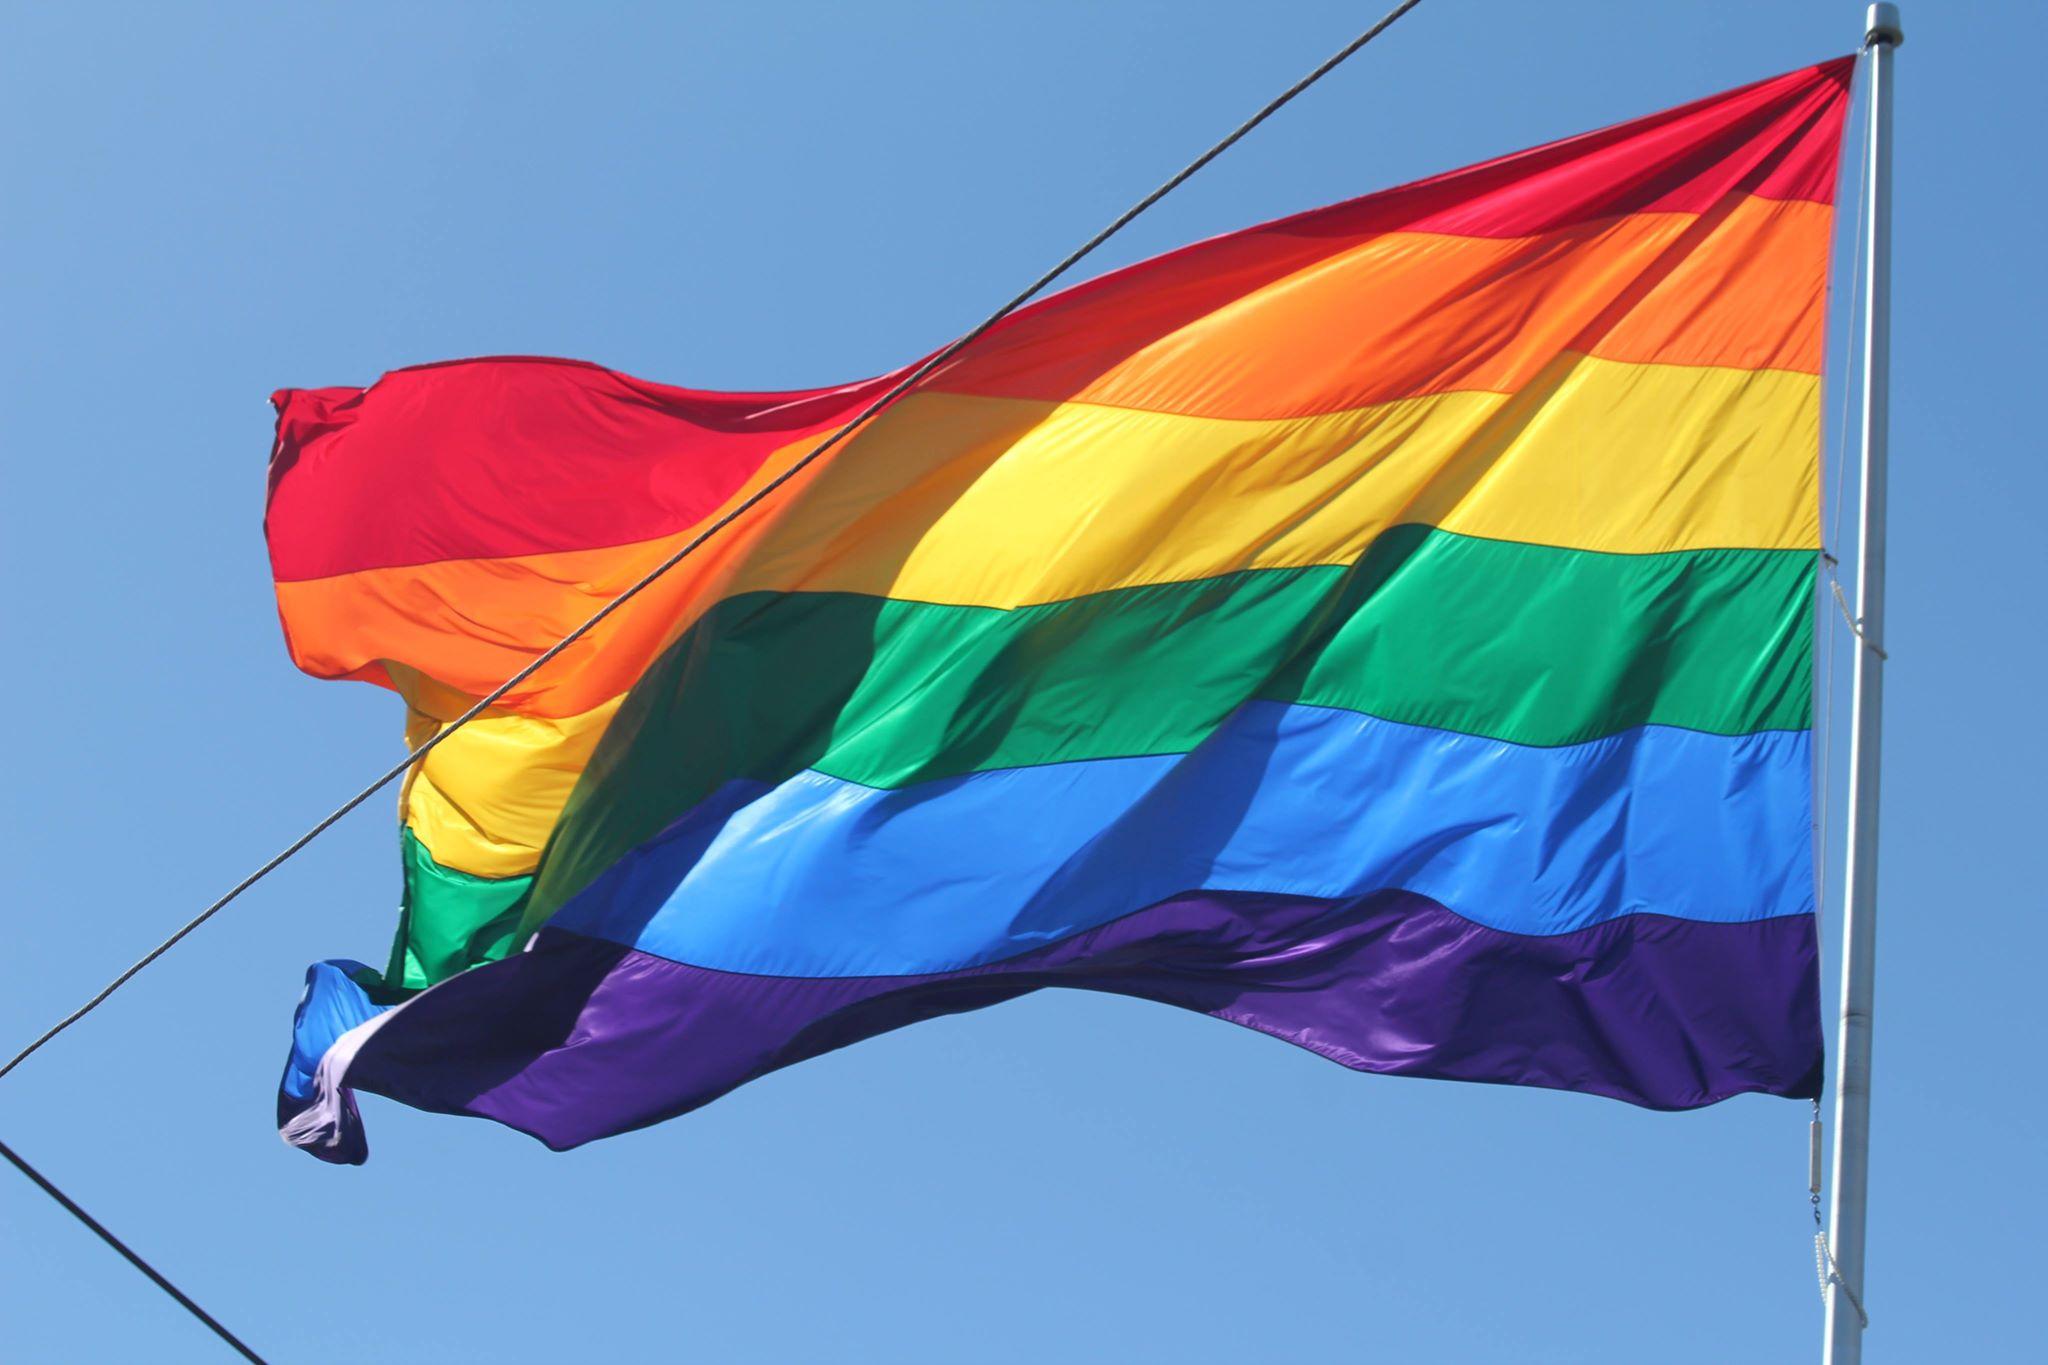 Entre discrimination et tolérance, être LGBT en 2019